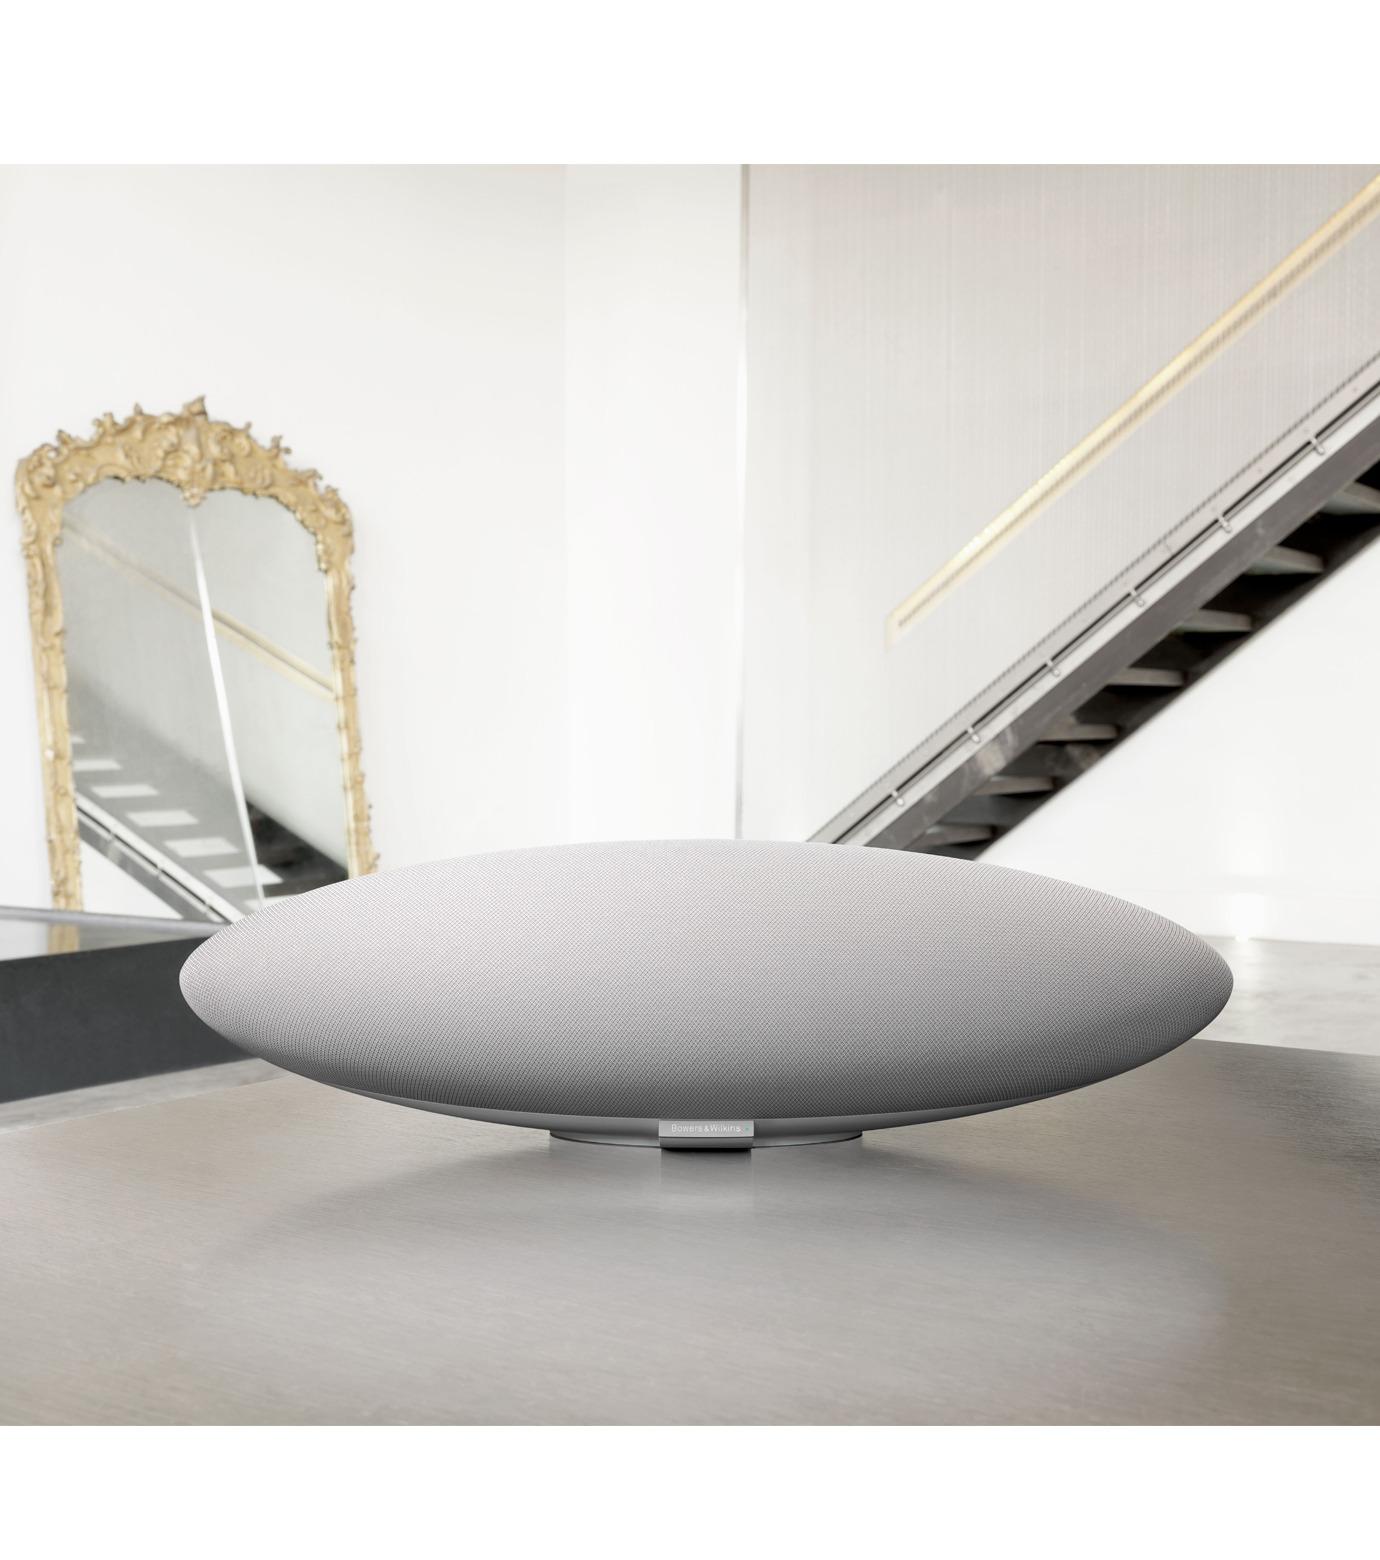 Bowers&Wilkins()のzeppelin wireless WHITE-WHITE(スピーカー/speaker)-BW-zeppelin-4-4 拡大詳細画像6